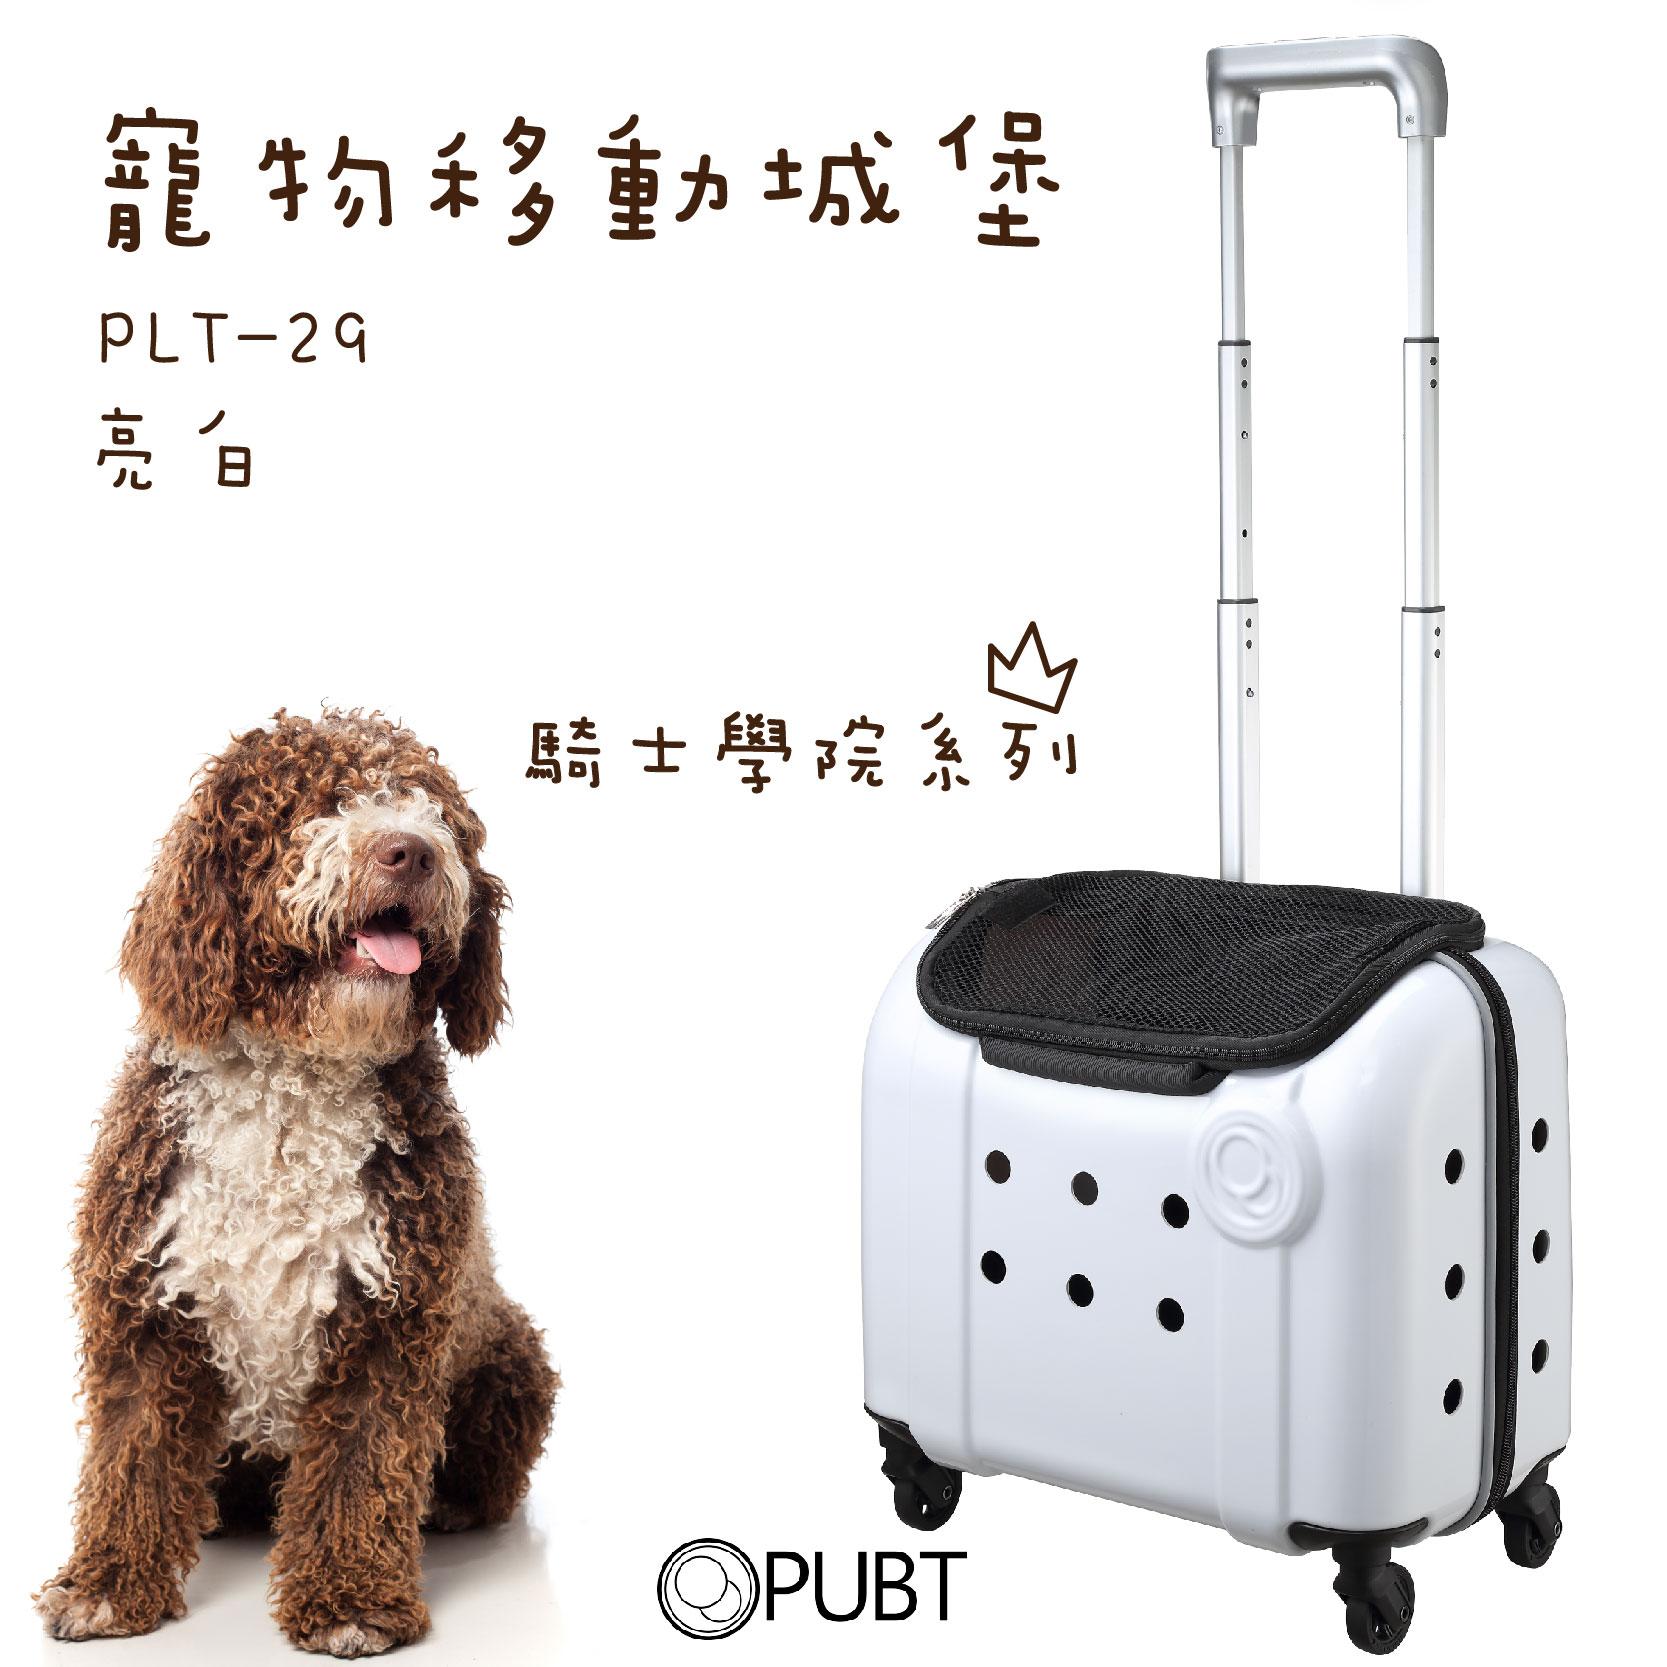 騎士學院系列│PUBT PLT-29 寵物推車 亮白 寵物外出包 寵物拉桿包 寵物 適用5kg以下犬貓